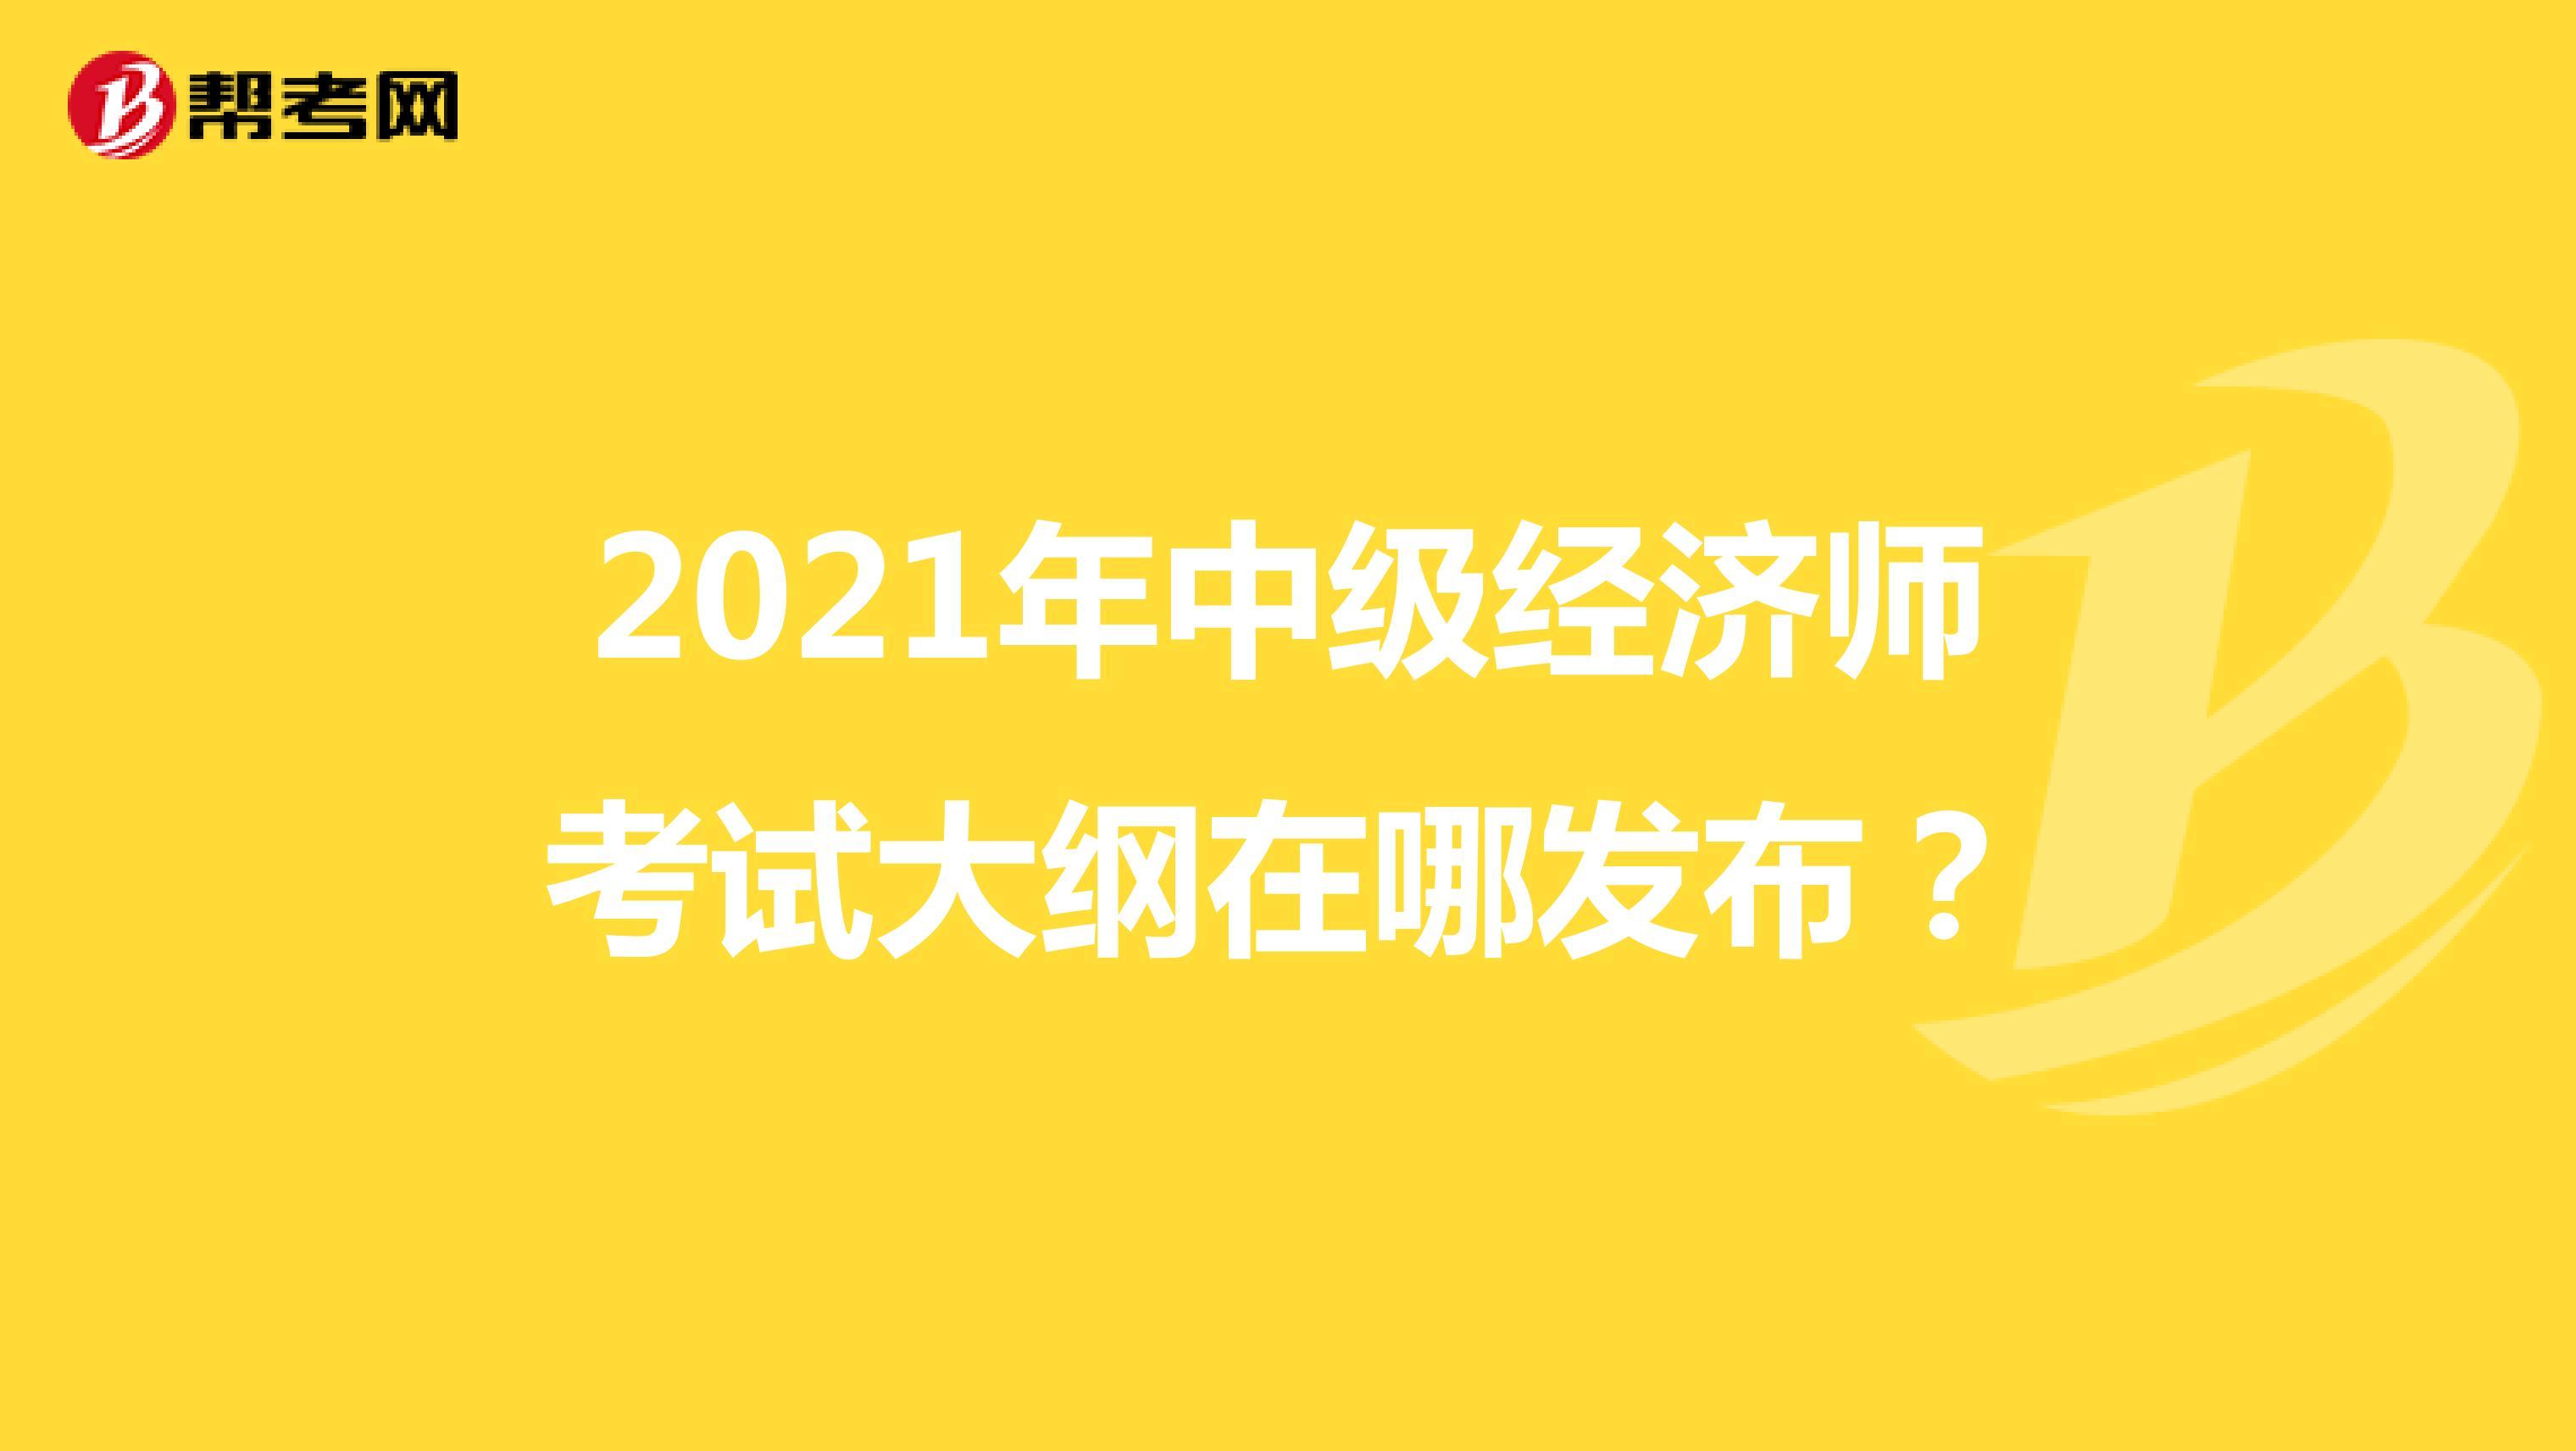 2021年(hot88电竞官网)中级经济师考试大纲在哪发布?